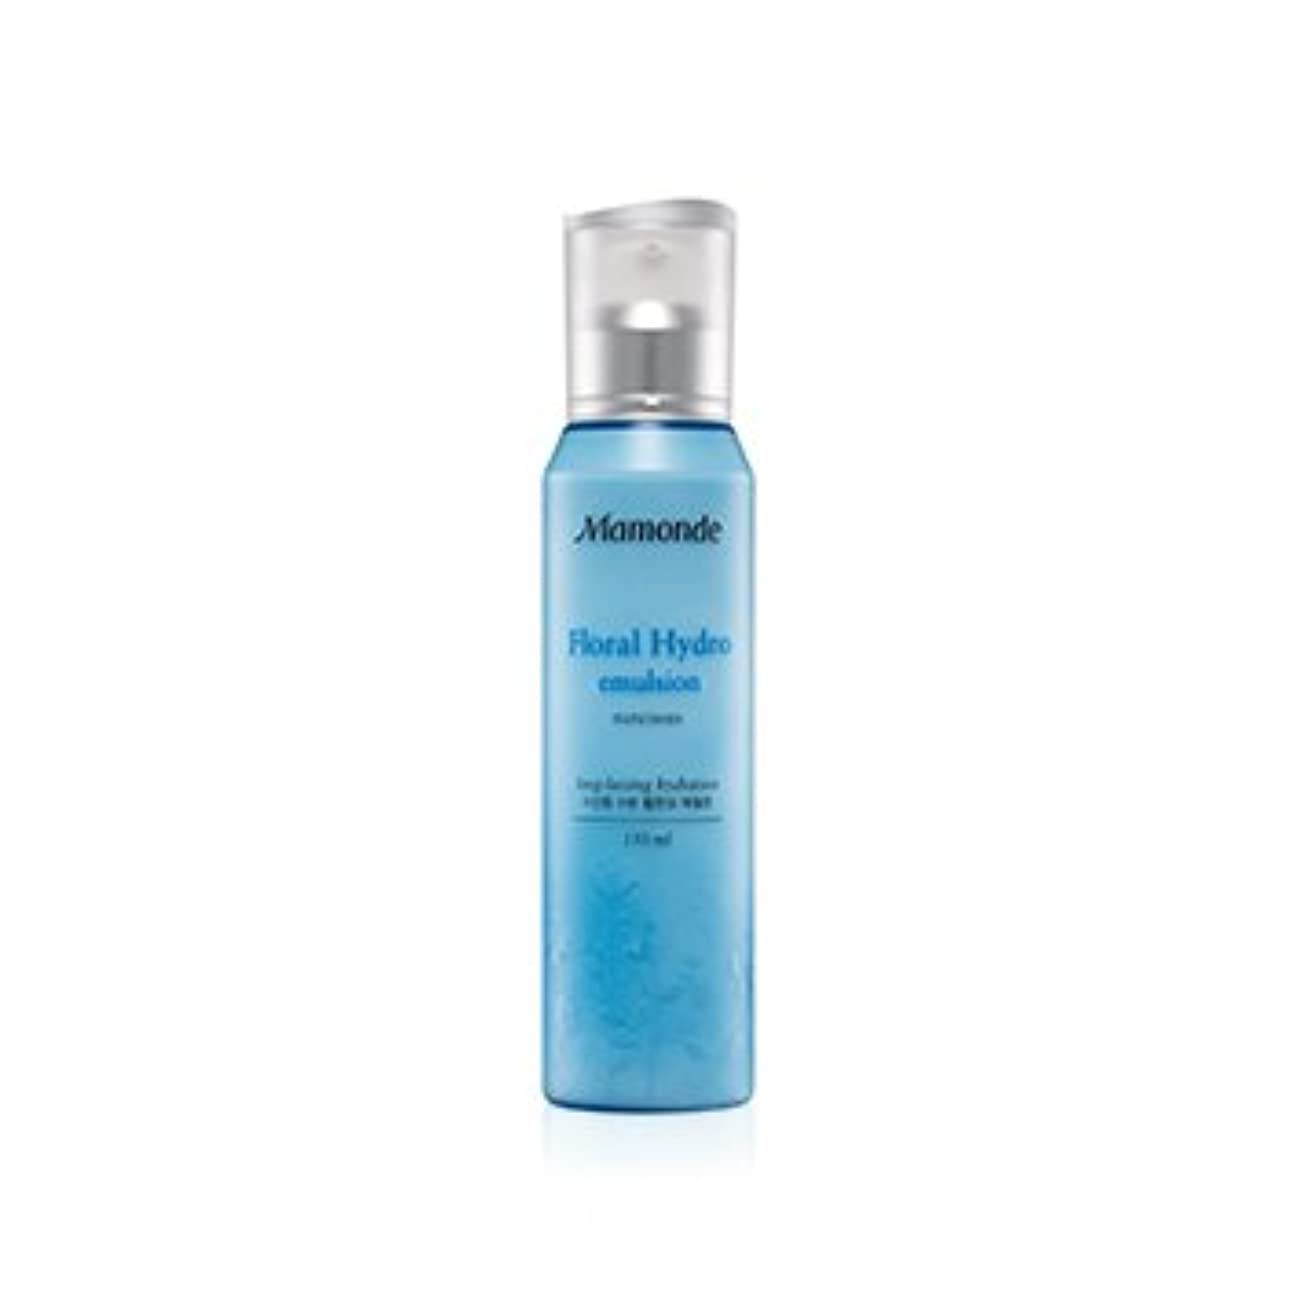 ランドリー嫌がらせ抵抗[2017 New] Mamonde Floral Hydro Emulsion 150ml/マモンド フローラル ハイドロ エマルジョン 150ml [並行輸入品]